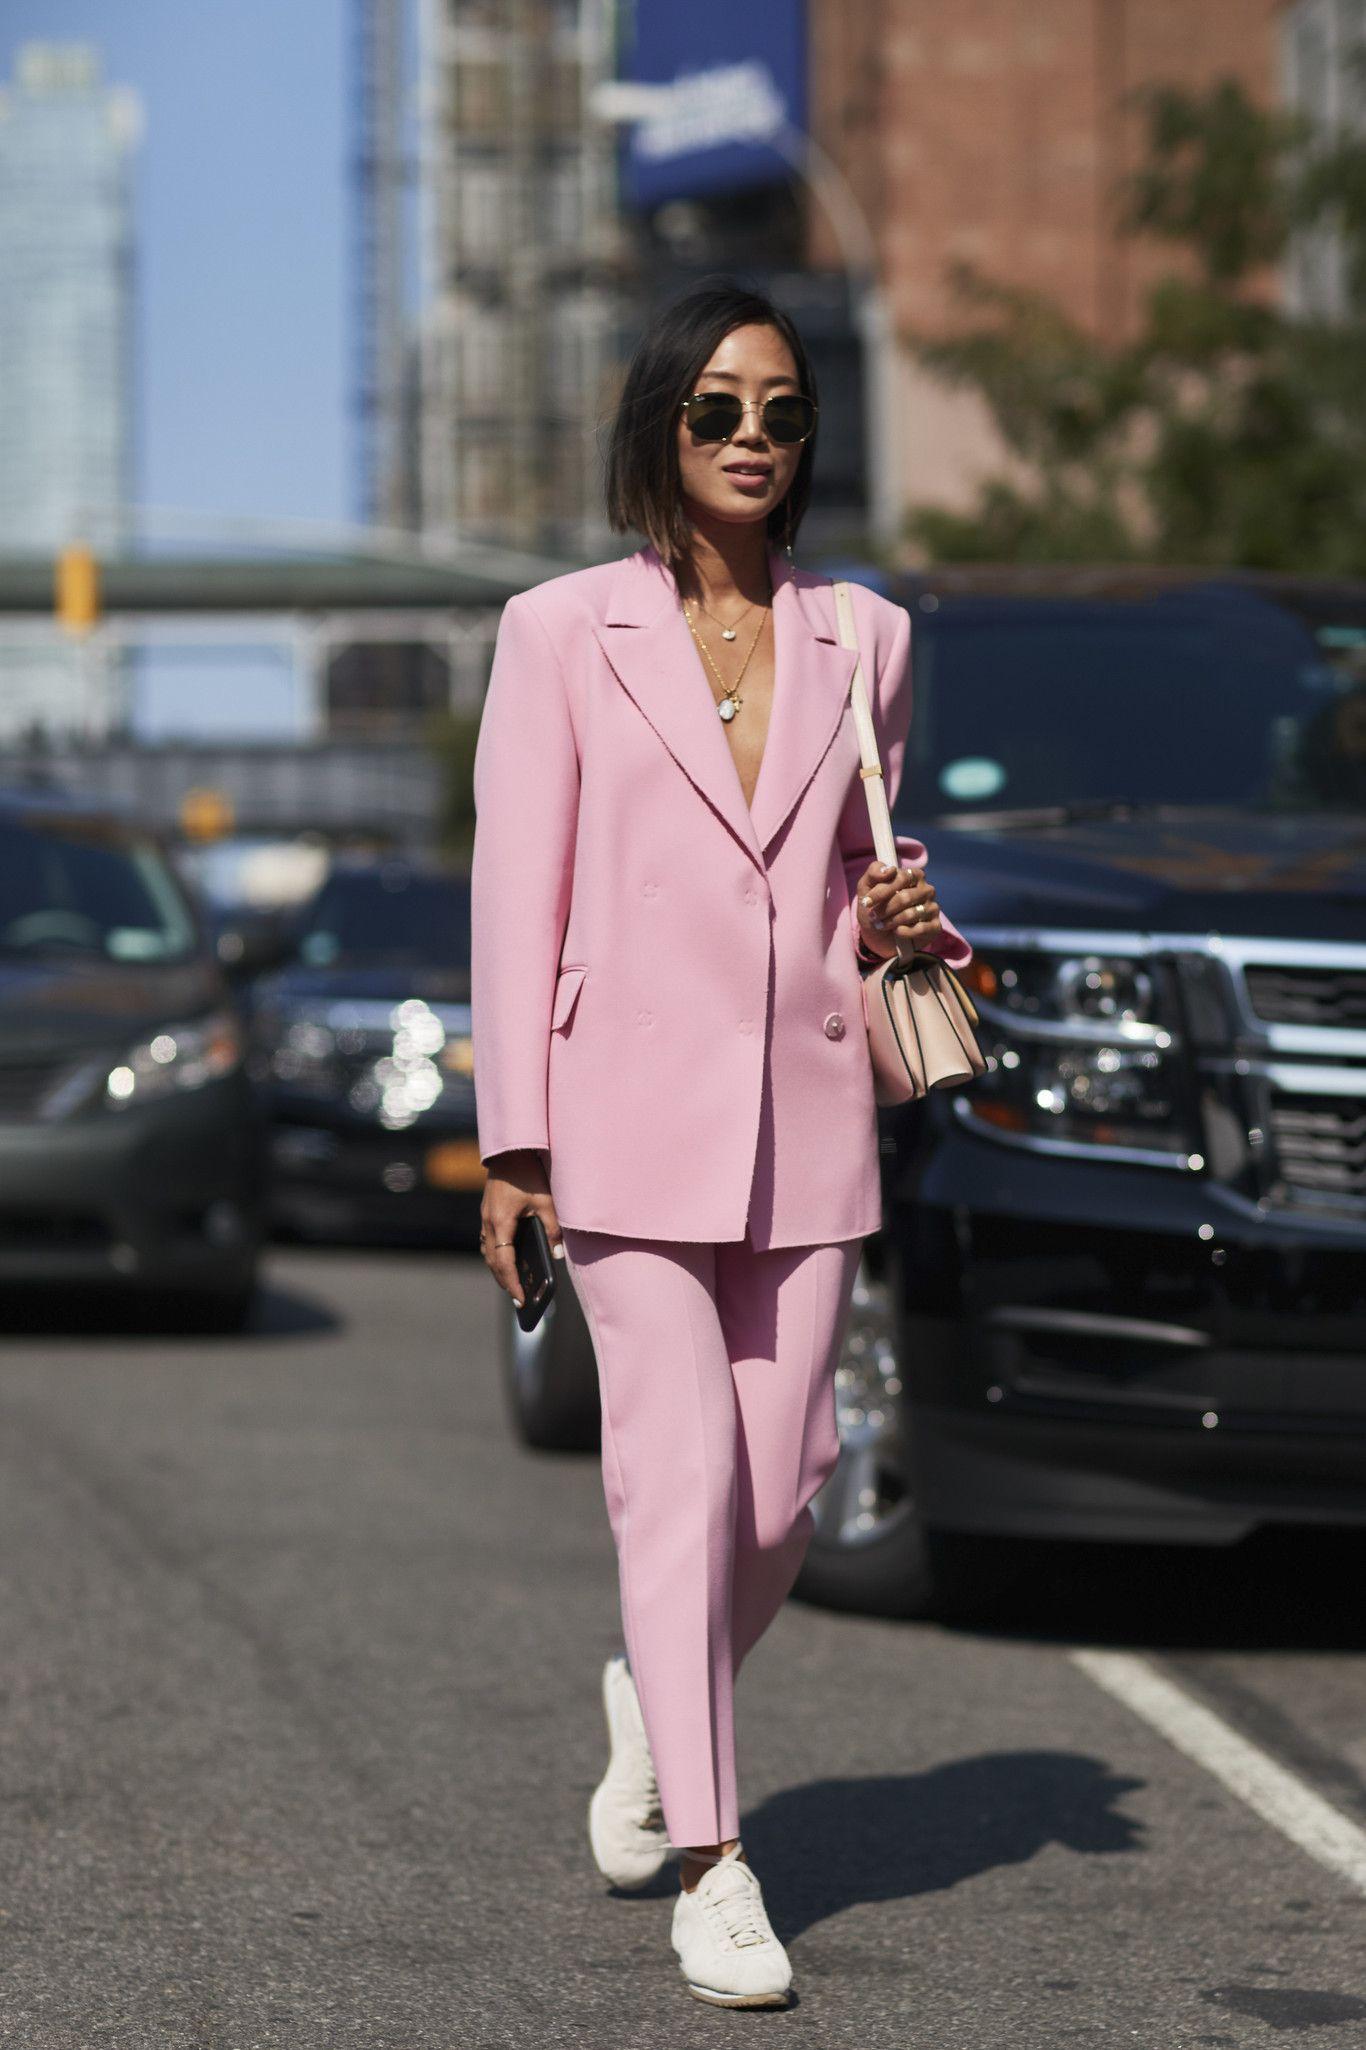 mặc đẹp với giày tennis trắng và âu phục màu hồng